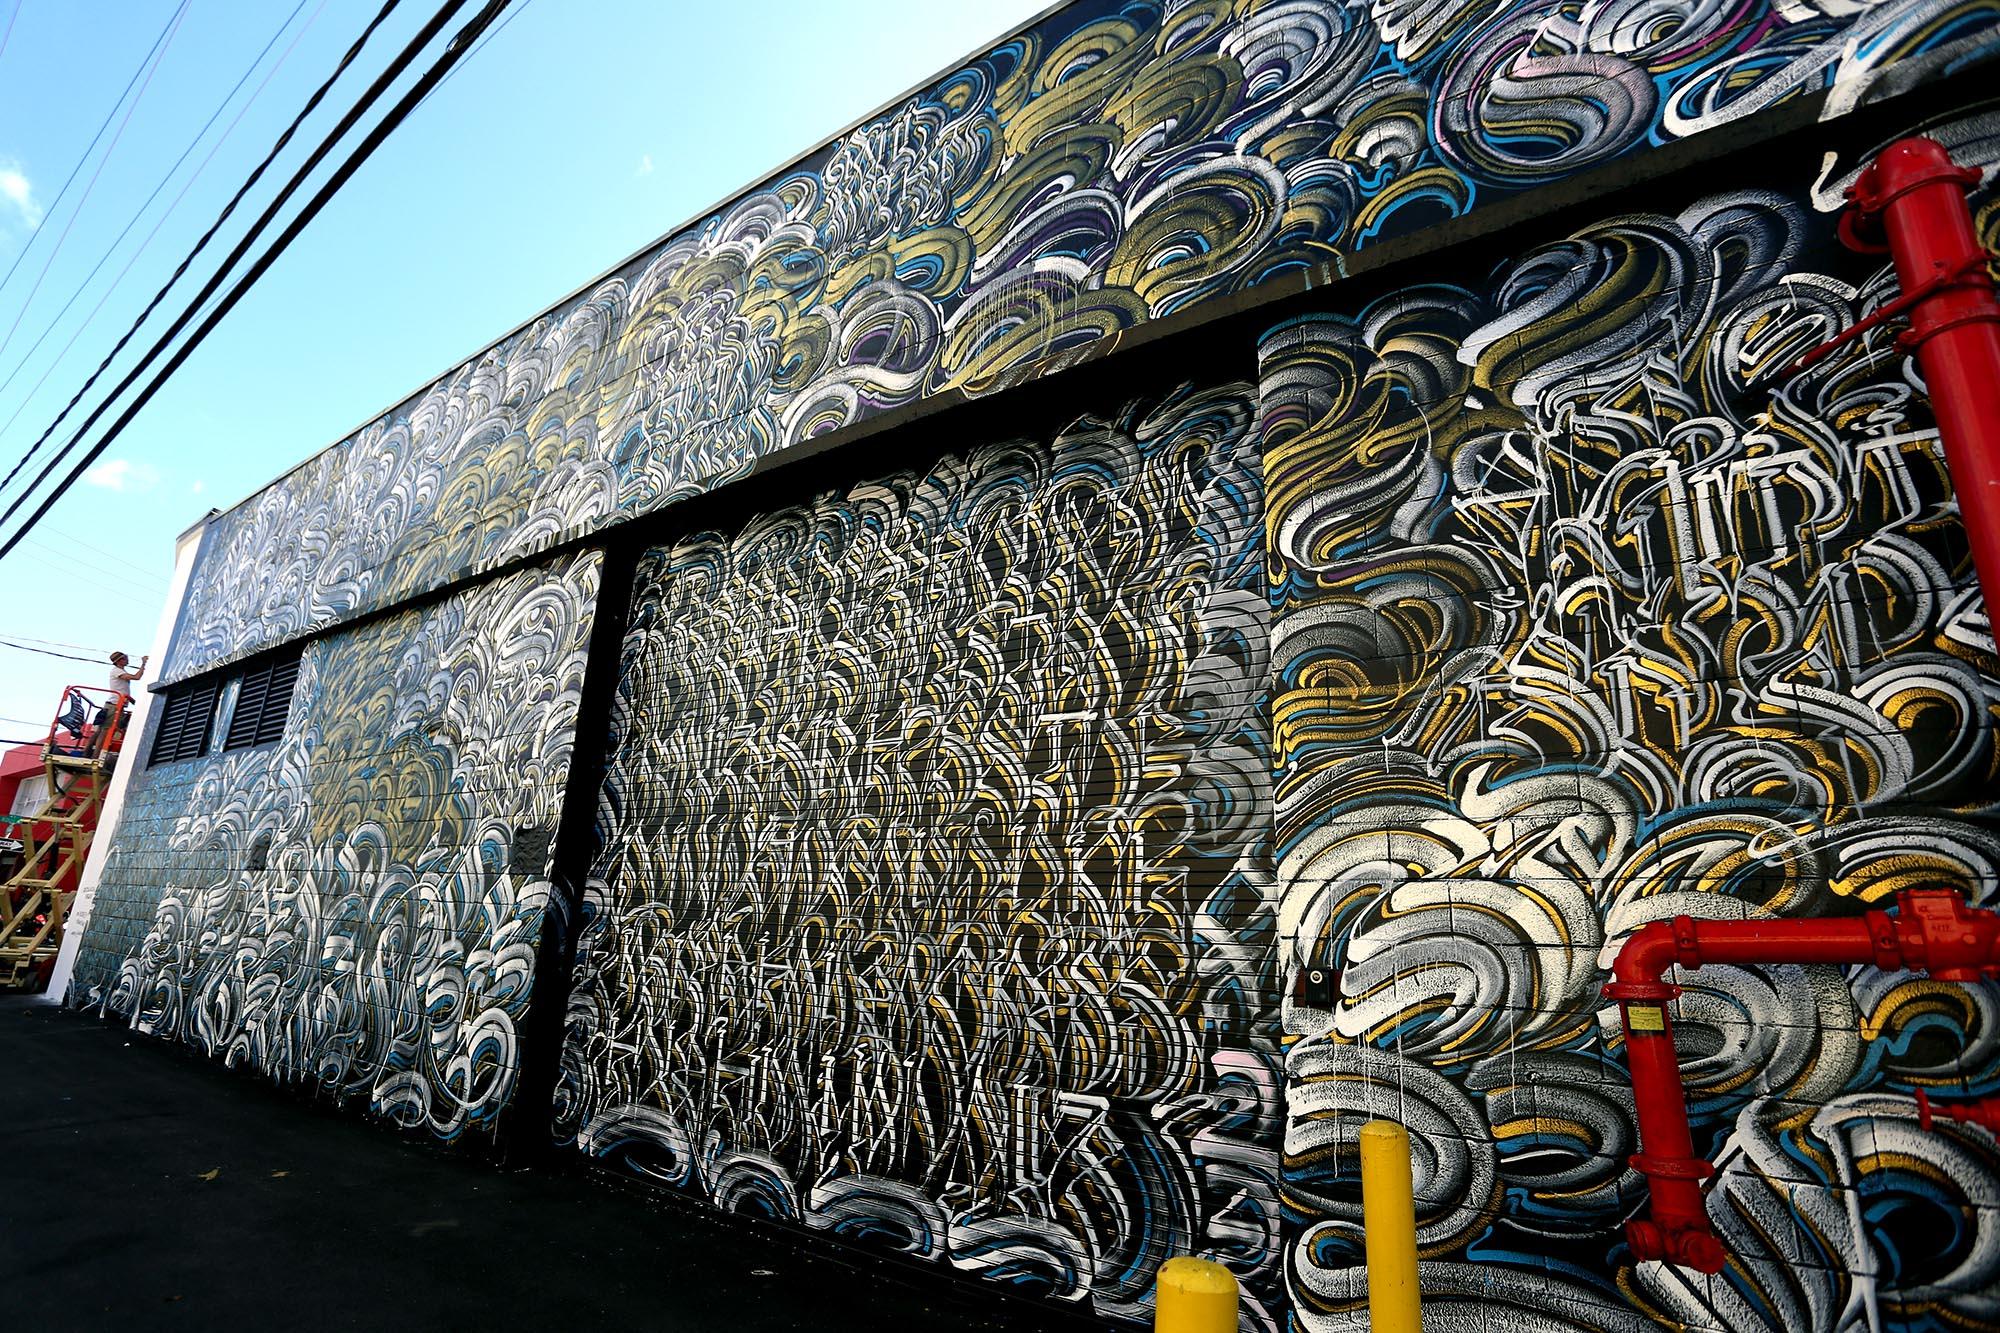 alex-defer-kizu-mural-pow-wow-festival-grafite-dionisio-arte (3)